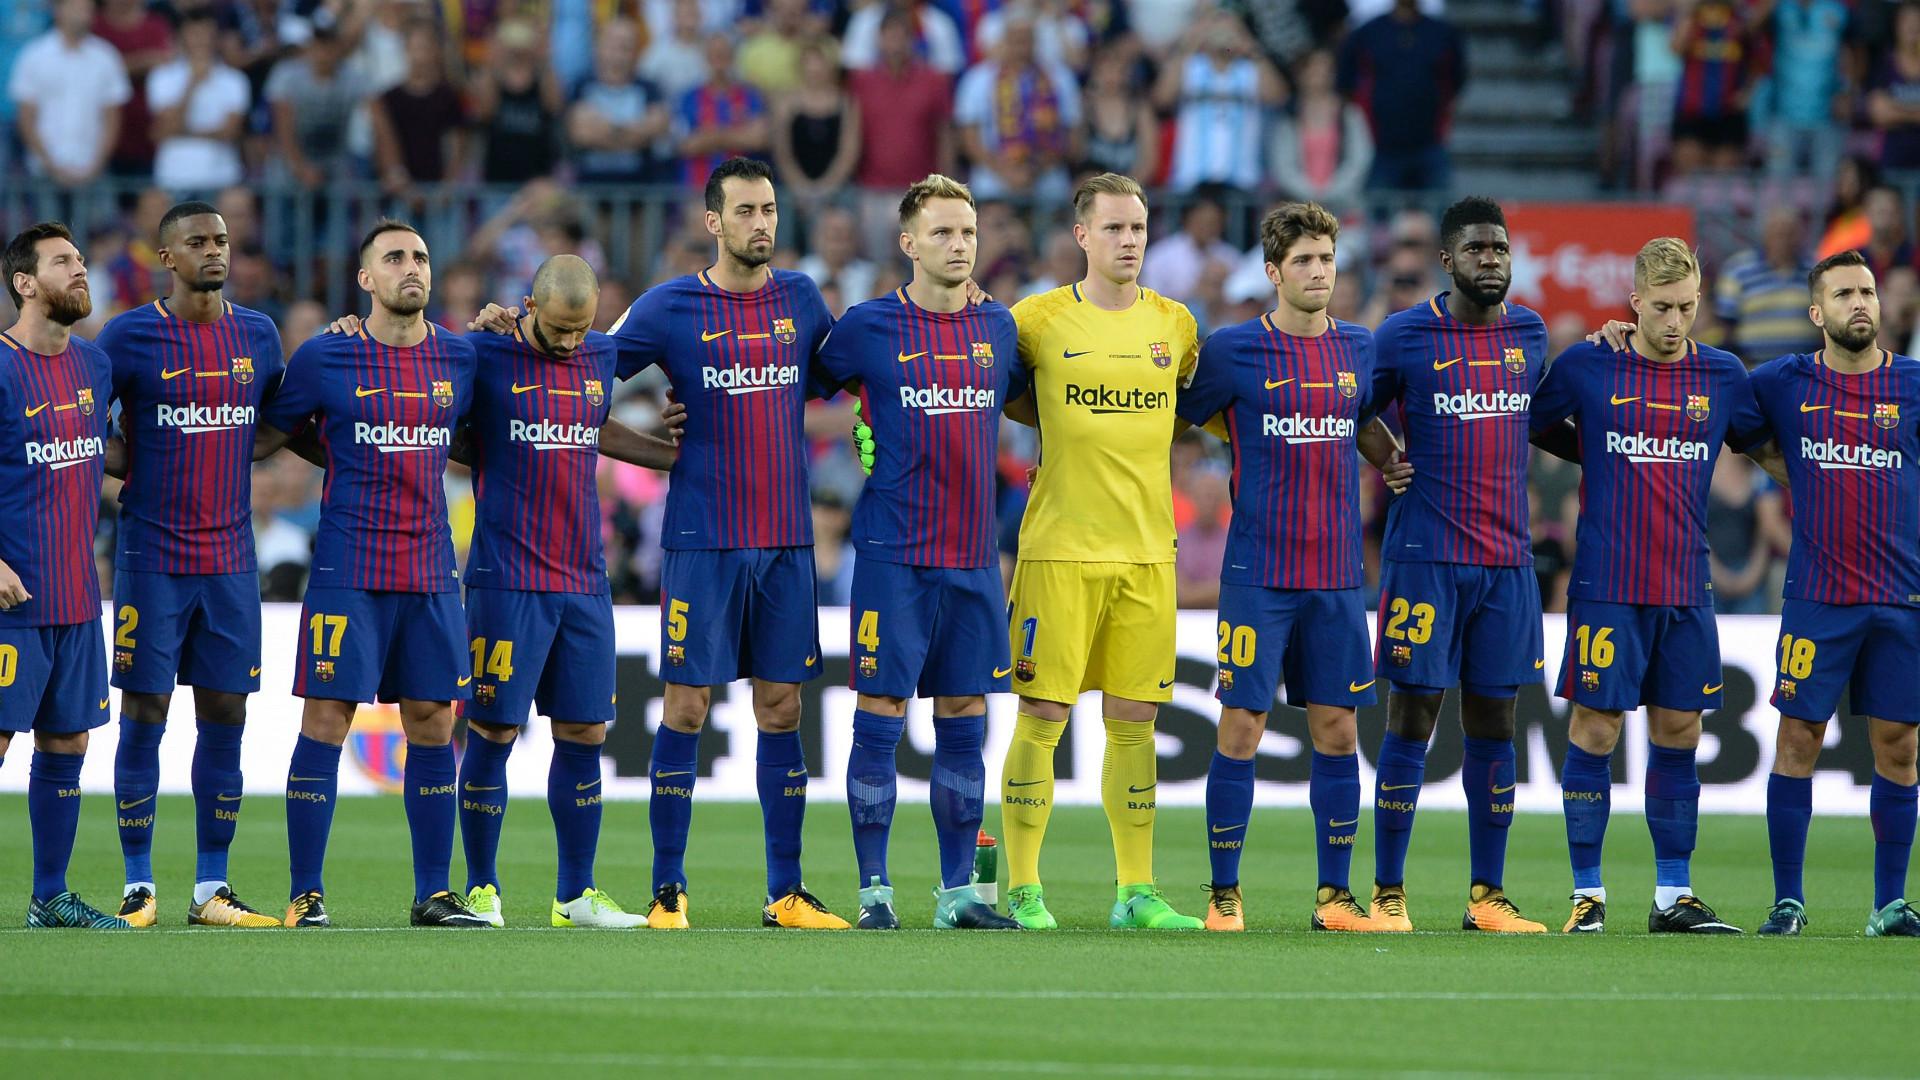 بالصور صور فريق برشلونة , اجمل صور لفريق برشلونه 6474 3